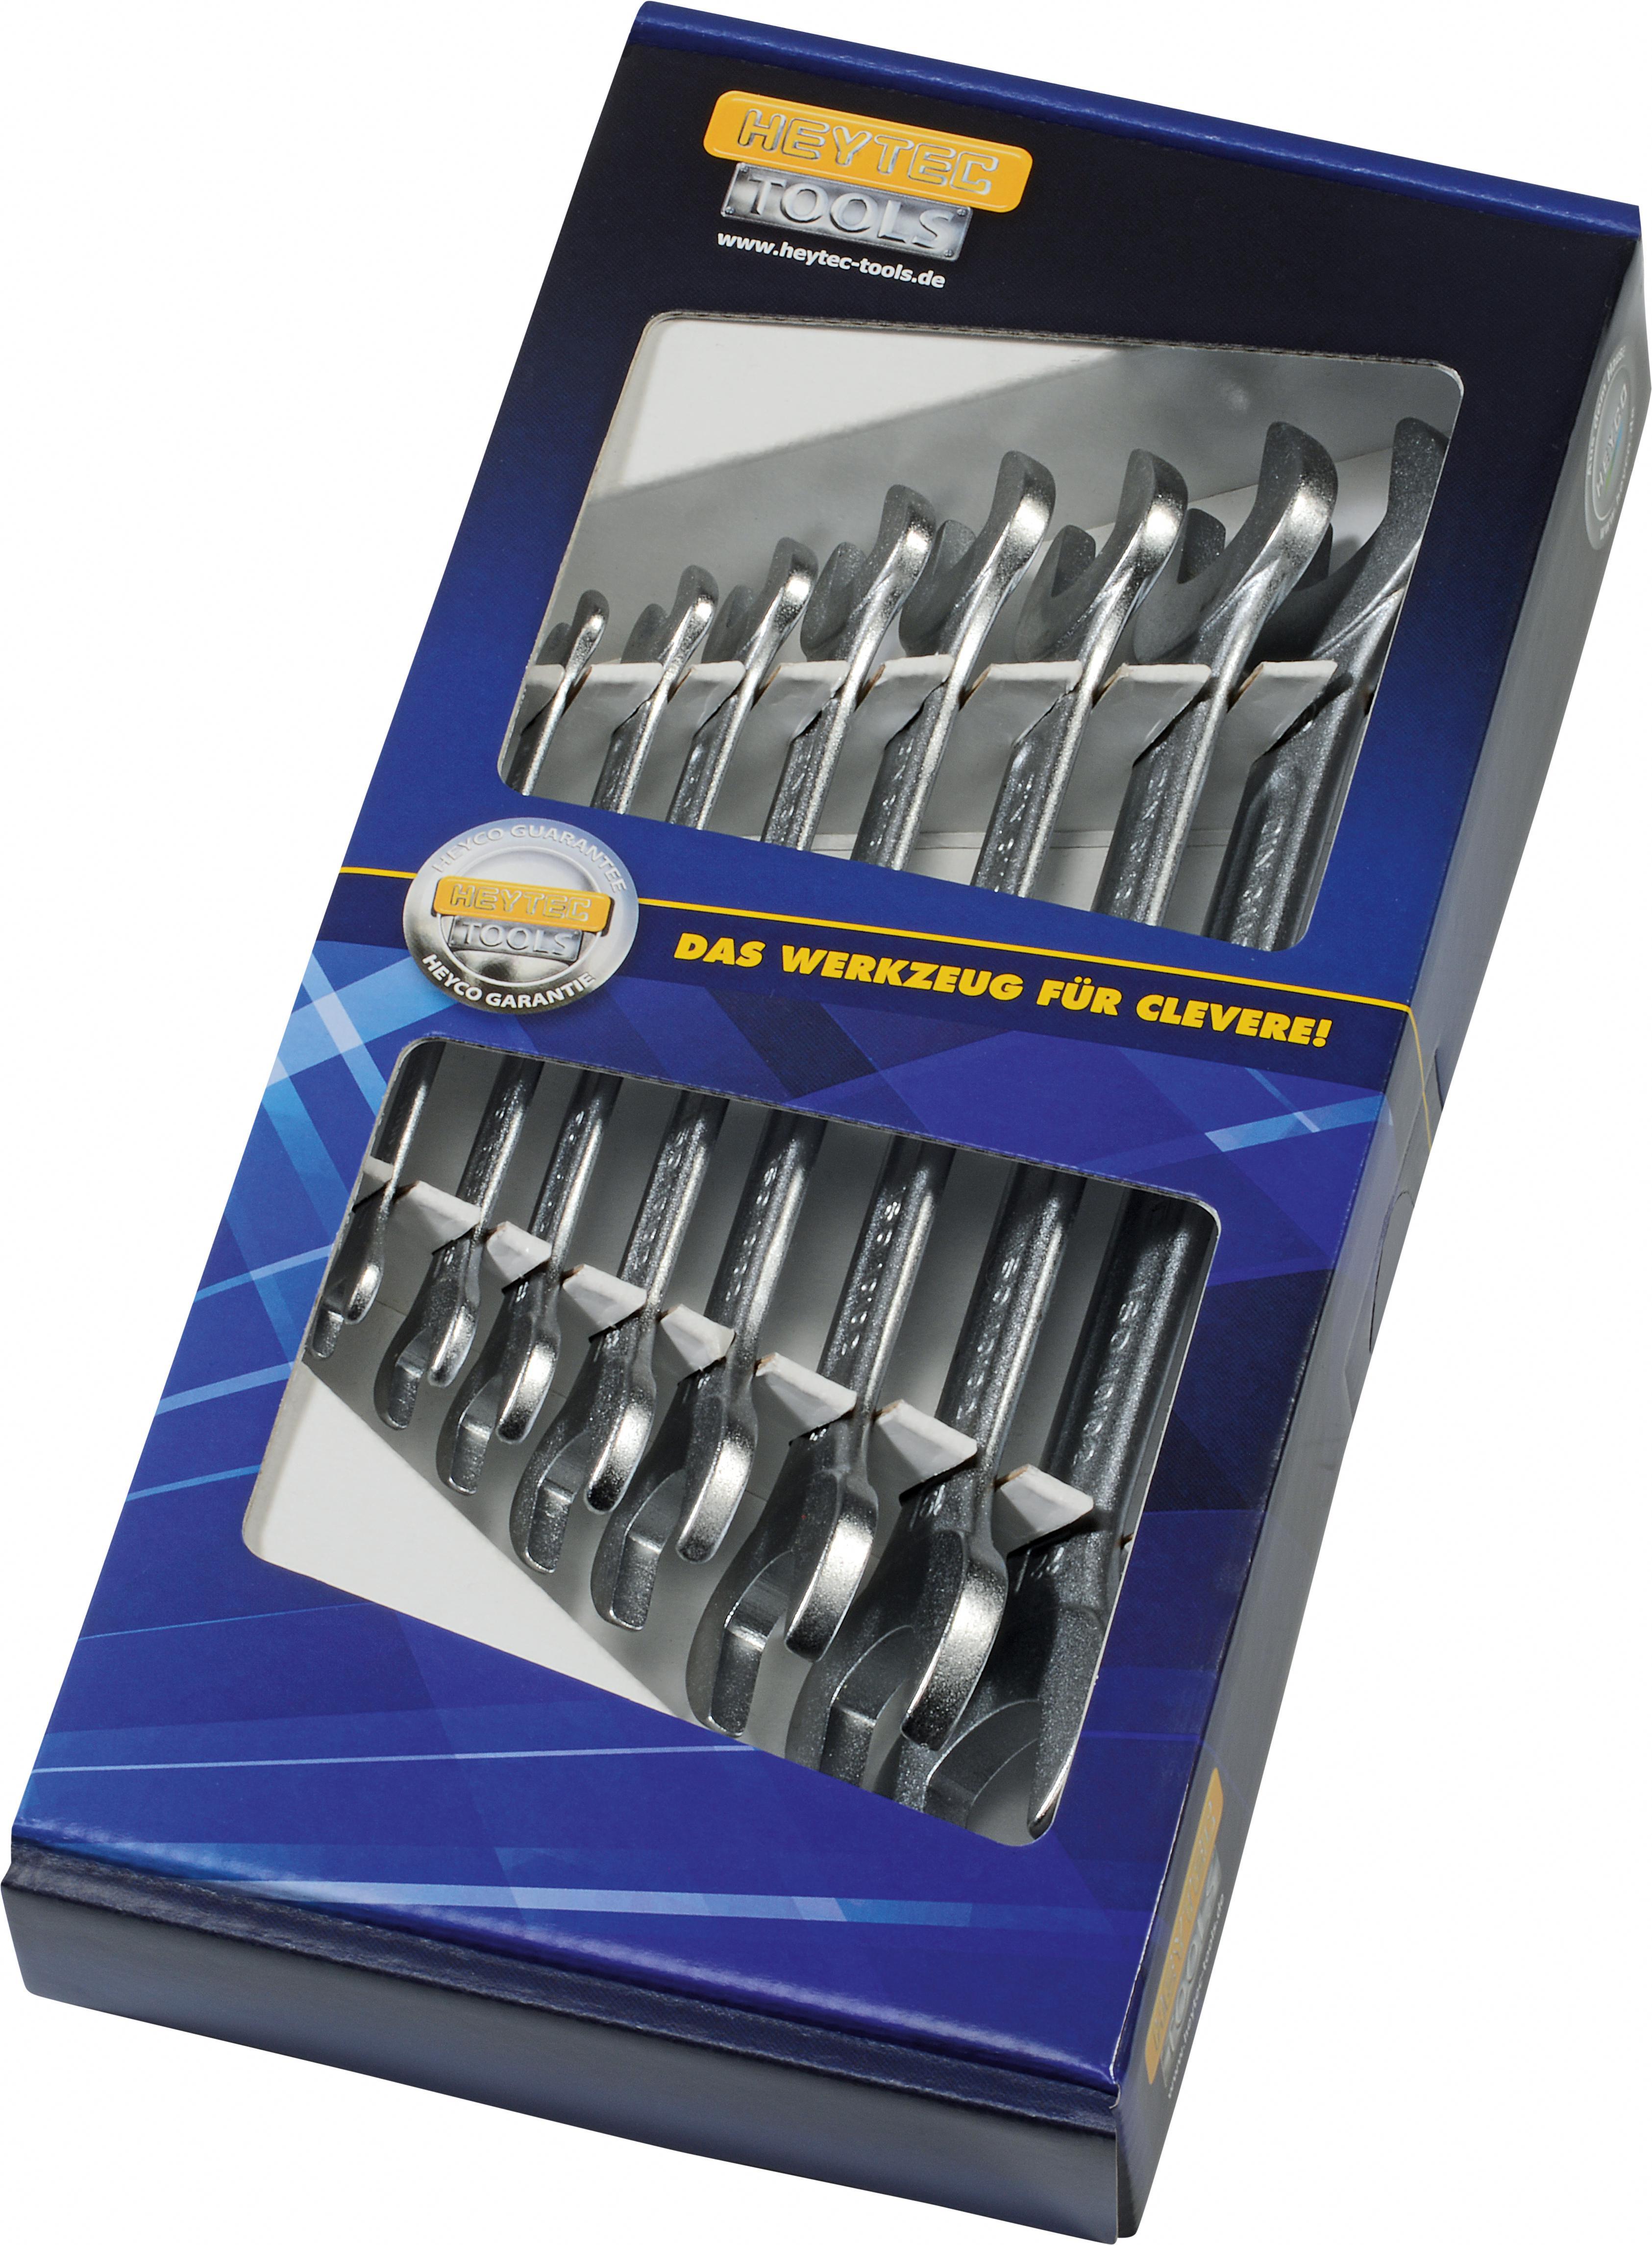 Ключ гаечный Heyco He-50800844080 ключ гаечный heyco he 00400006082 6 мм